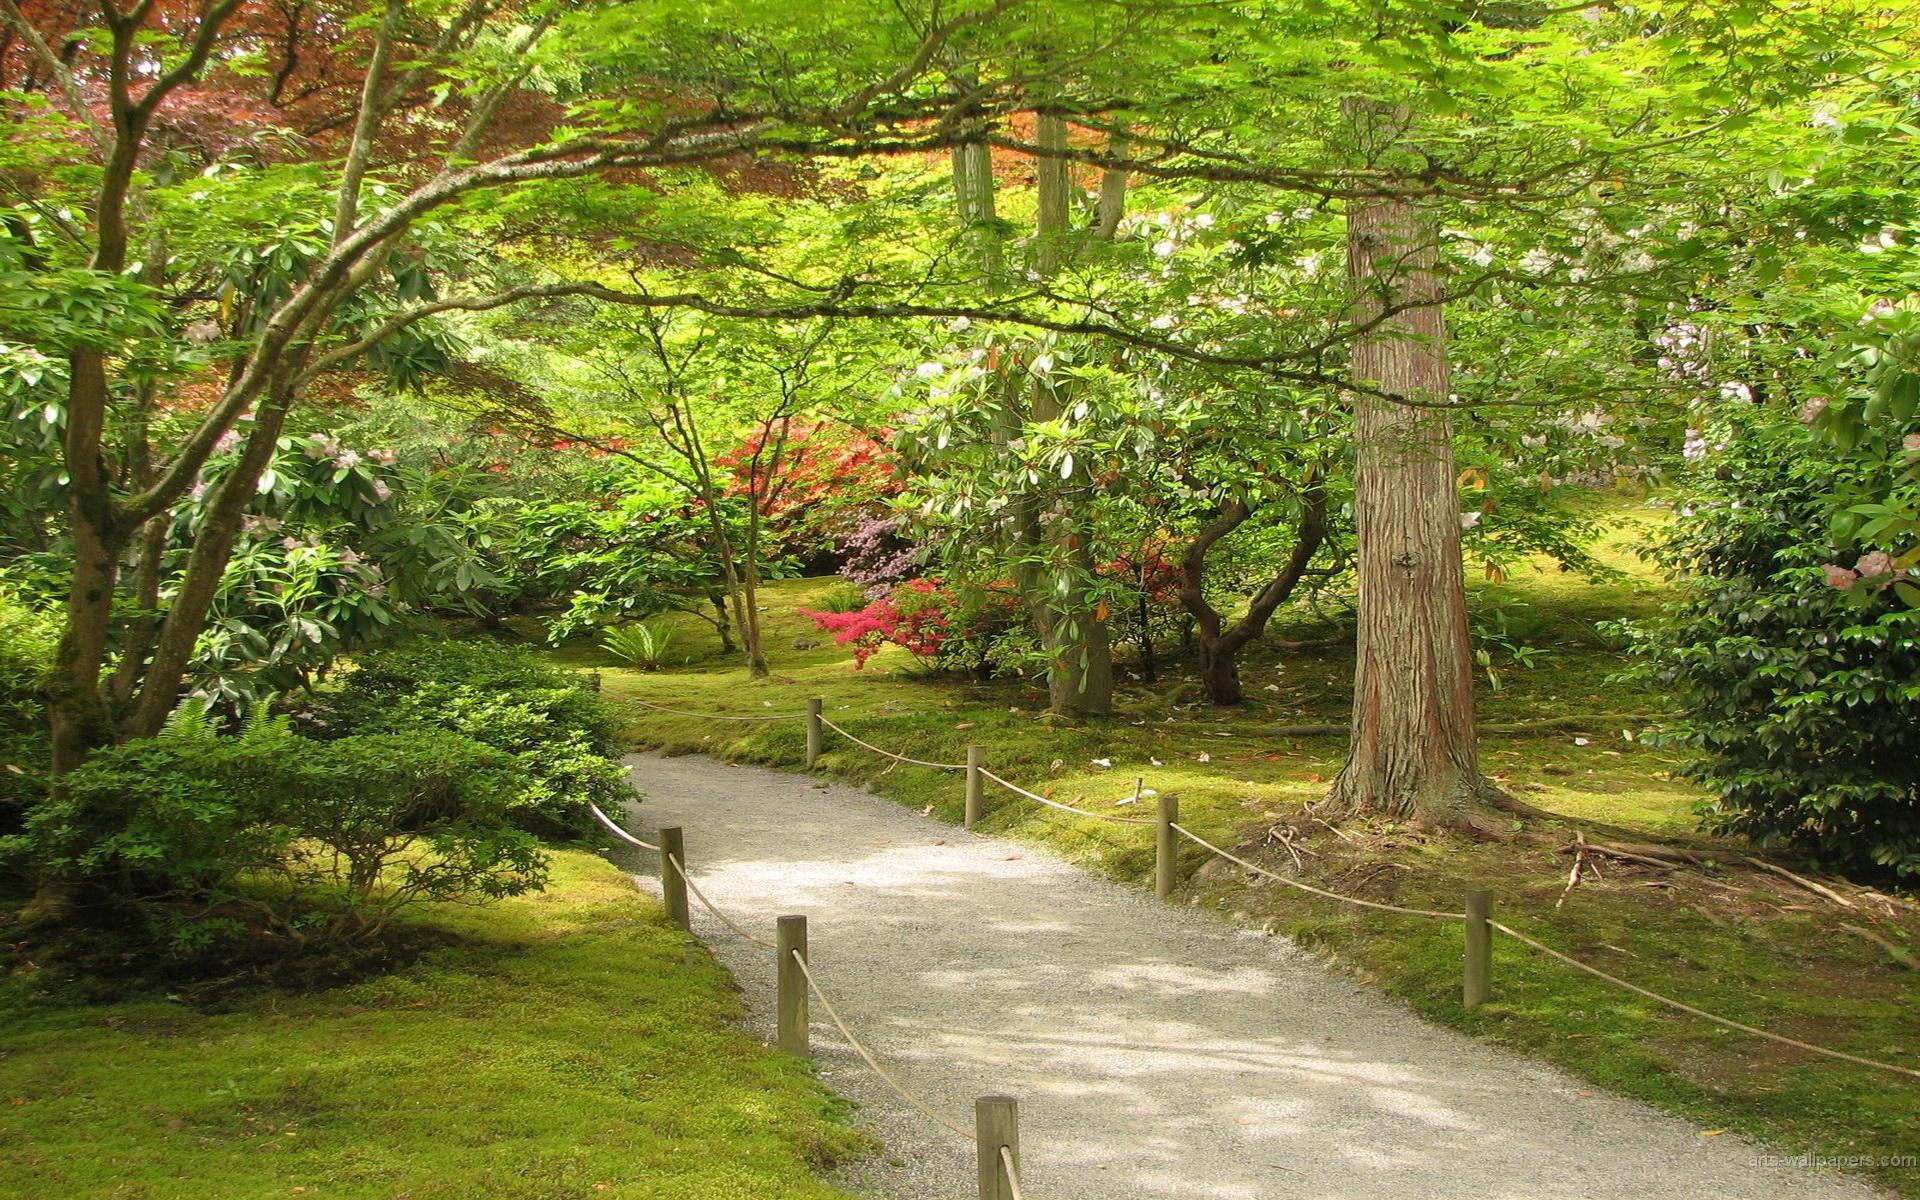 Download Japanese Garden 26316 1920x1200 px High Resolution